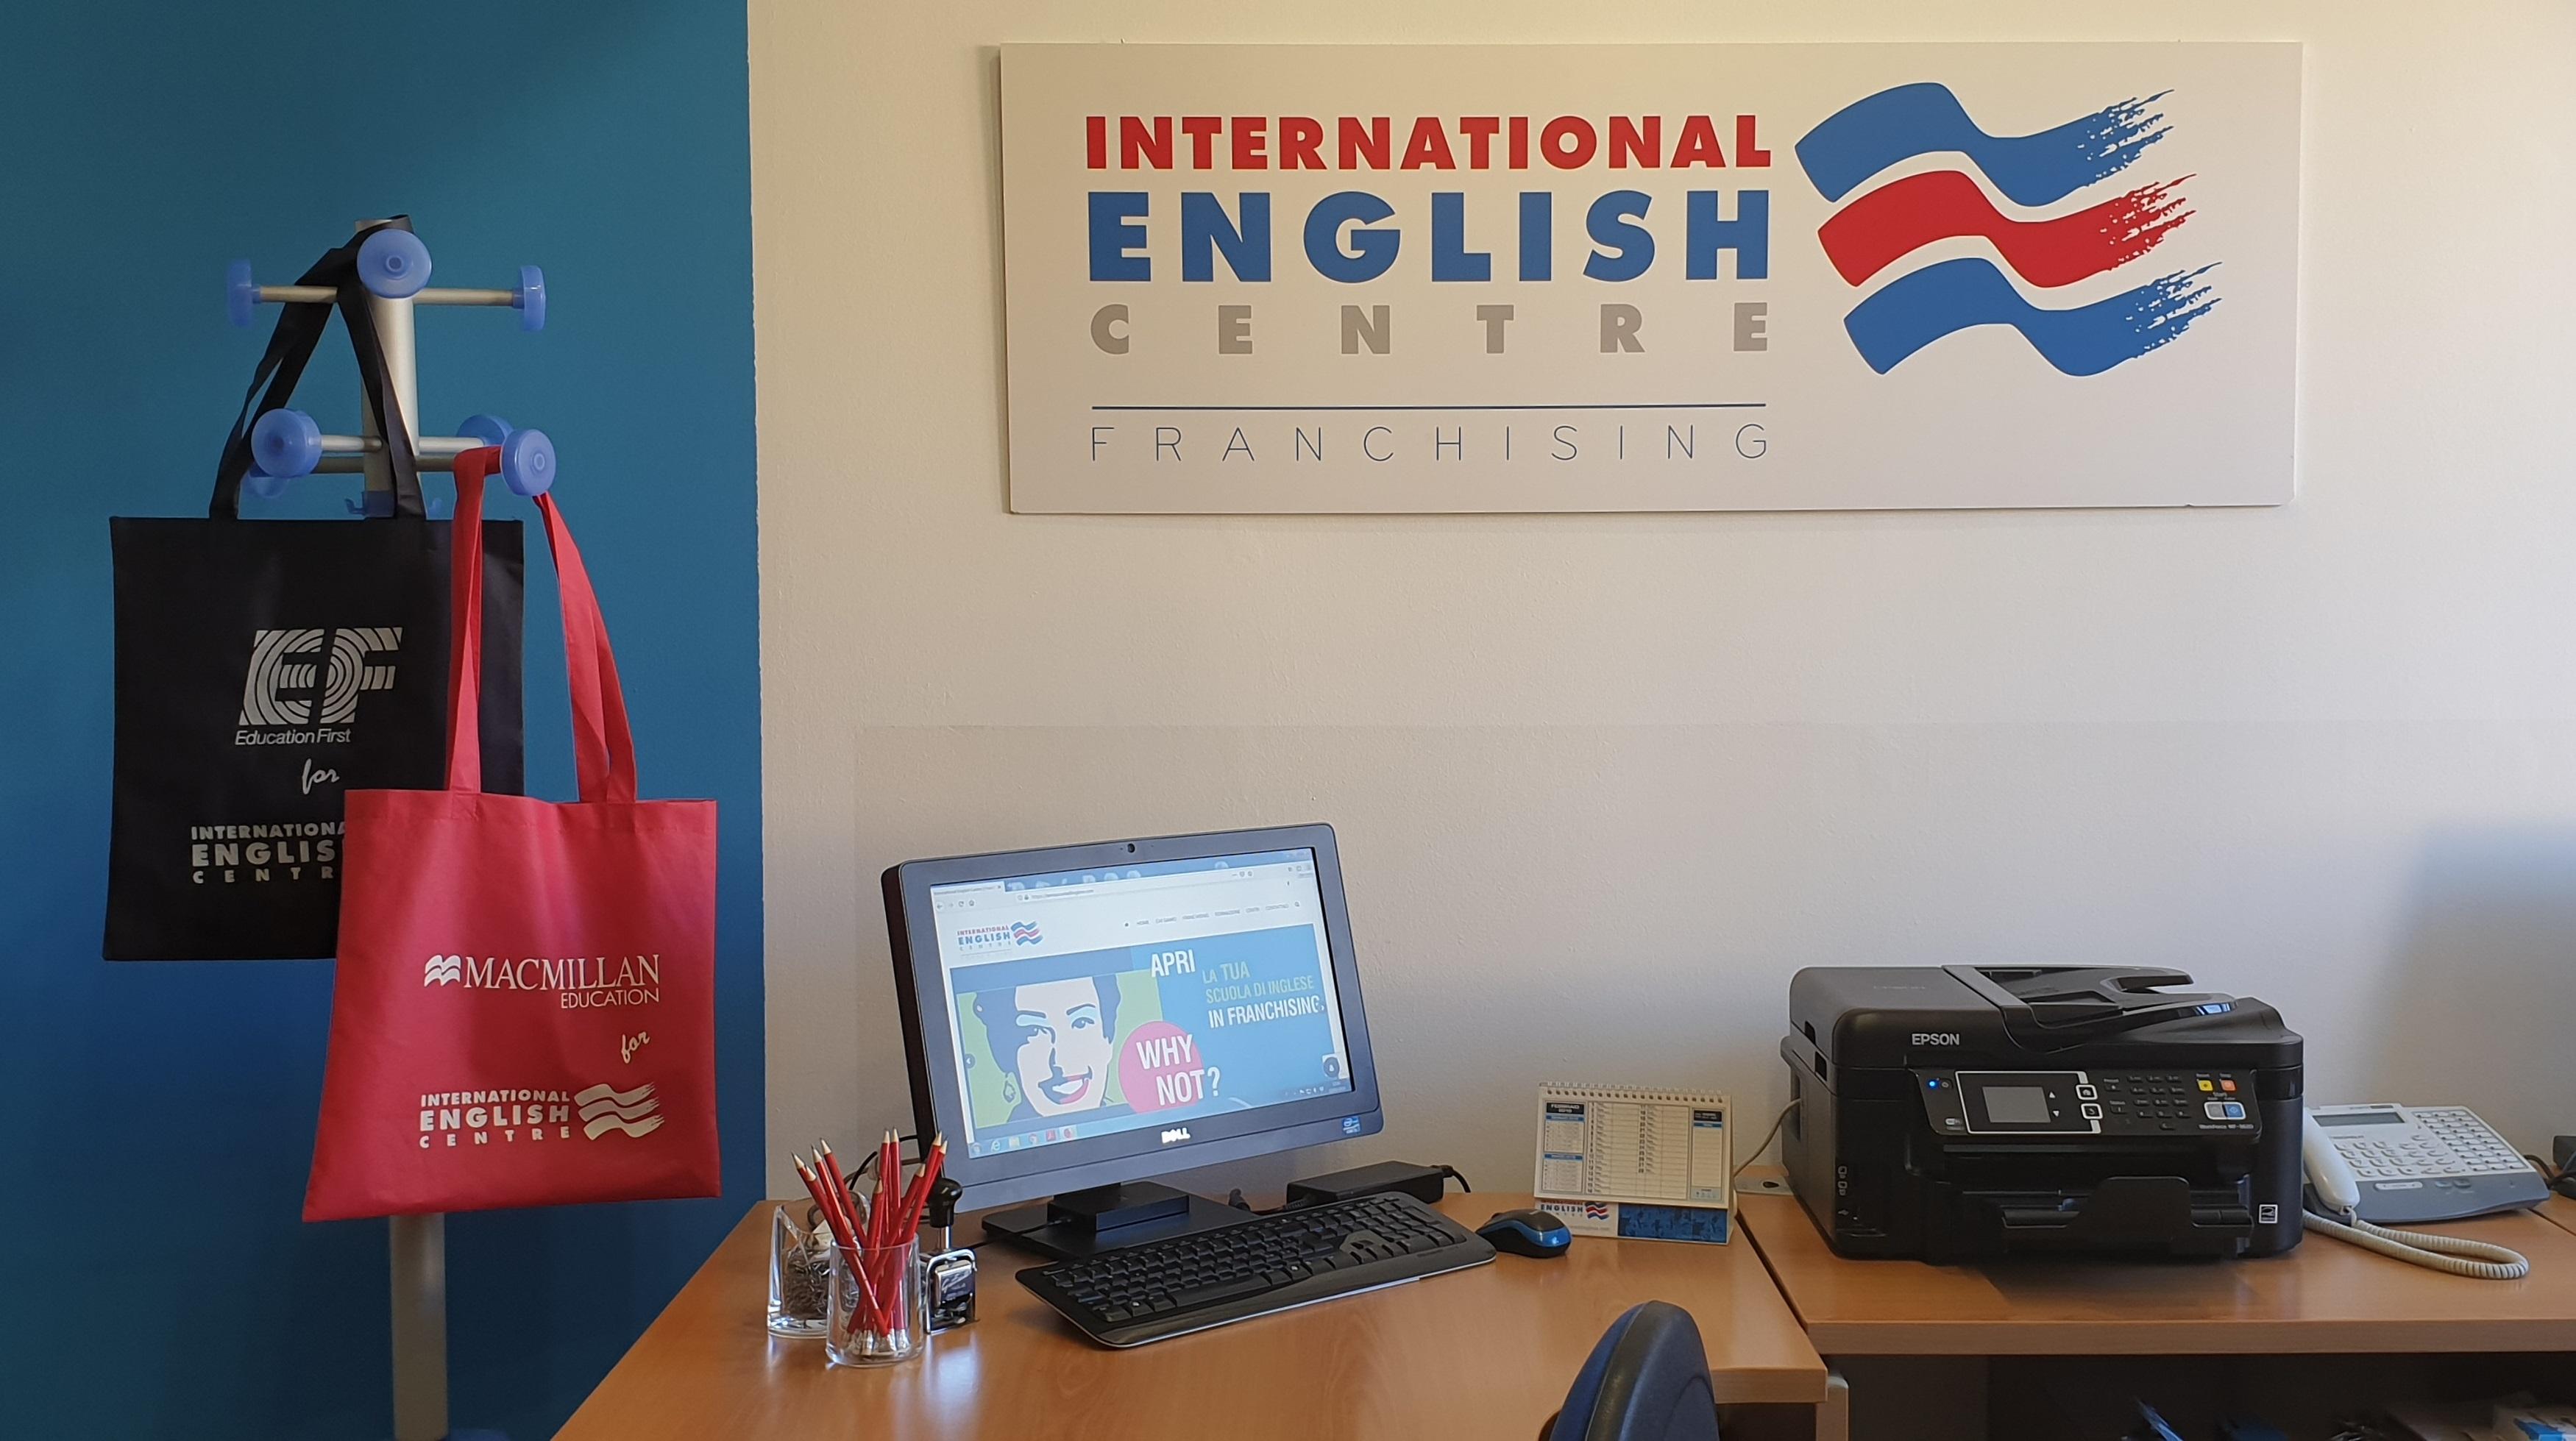 I partner IEC: EF Edication First & Macmillan Education (vista dell'ufficio della Casa Madre Internationa English Centre: appendiabiti con shopper cobrandizzate EF e Macmillan Education, insegna con logo International English Centre, scrivania con PC, portamatite e oggetti vari).